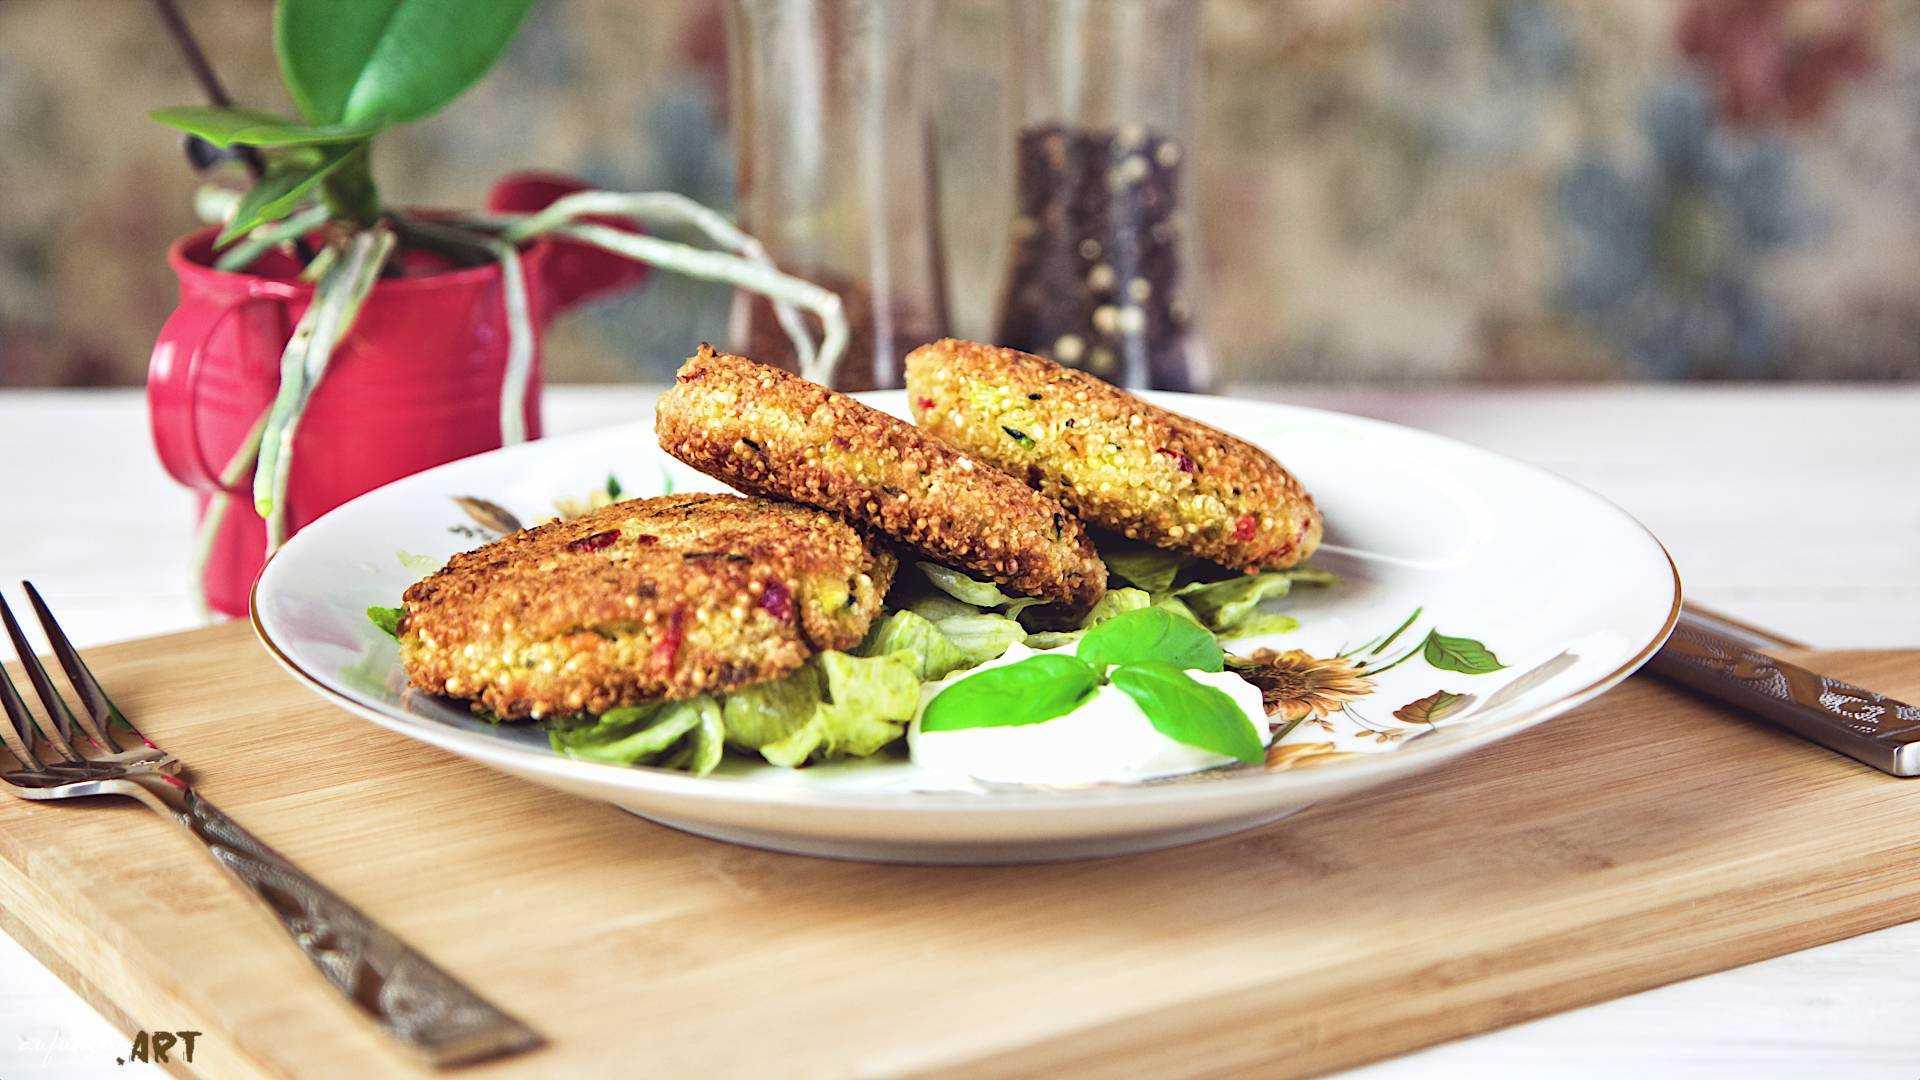 Quinoa Laibchen, Super Food, 100% Genuss Rezept vegetarisch!